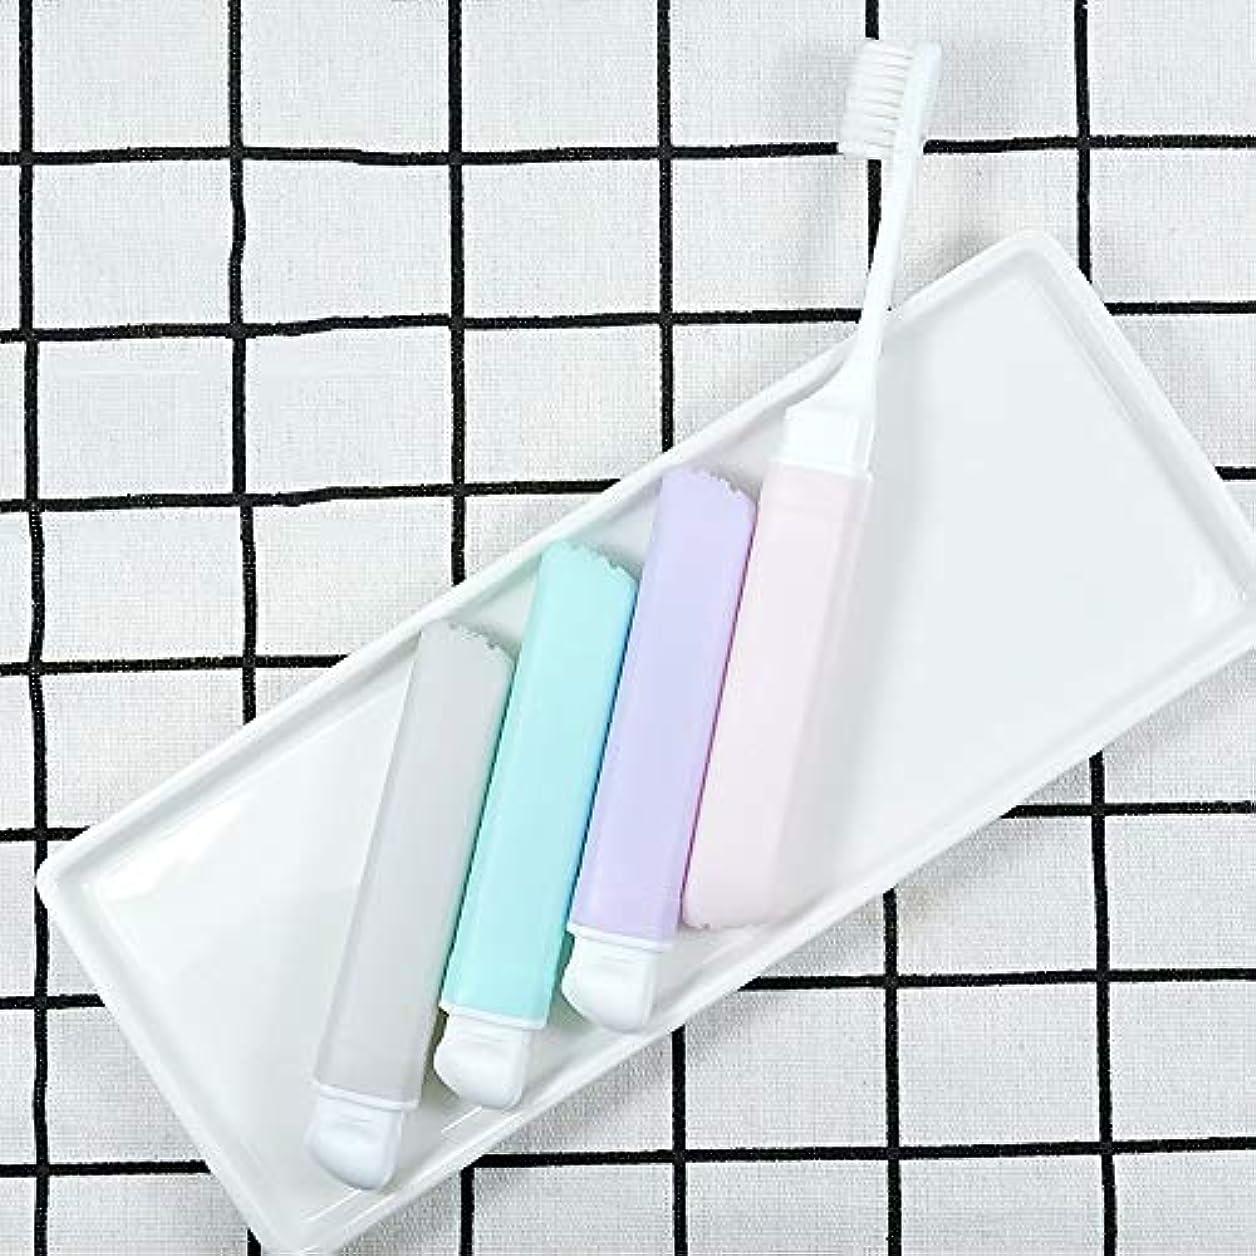 襟本かけがえのない歯ブラシ 10柔らかい歯ブラシ、携帯用歯ブラシ、折り畳み式の大人歯ブラシ - 10パック KHL (サイズ : 10 packs)